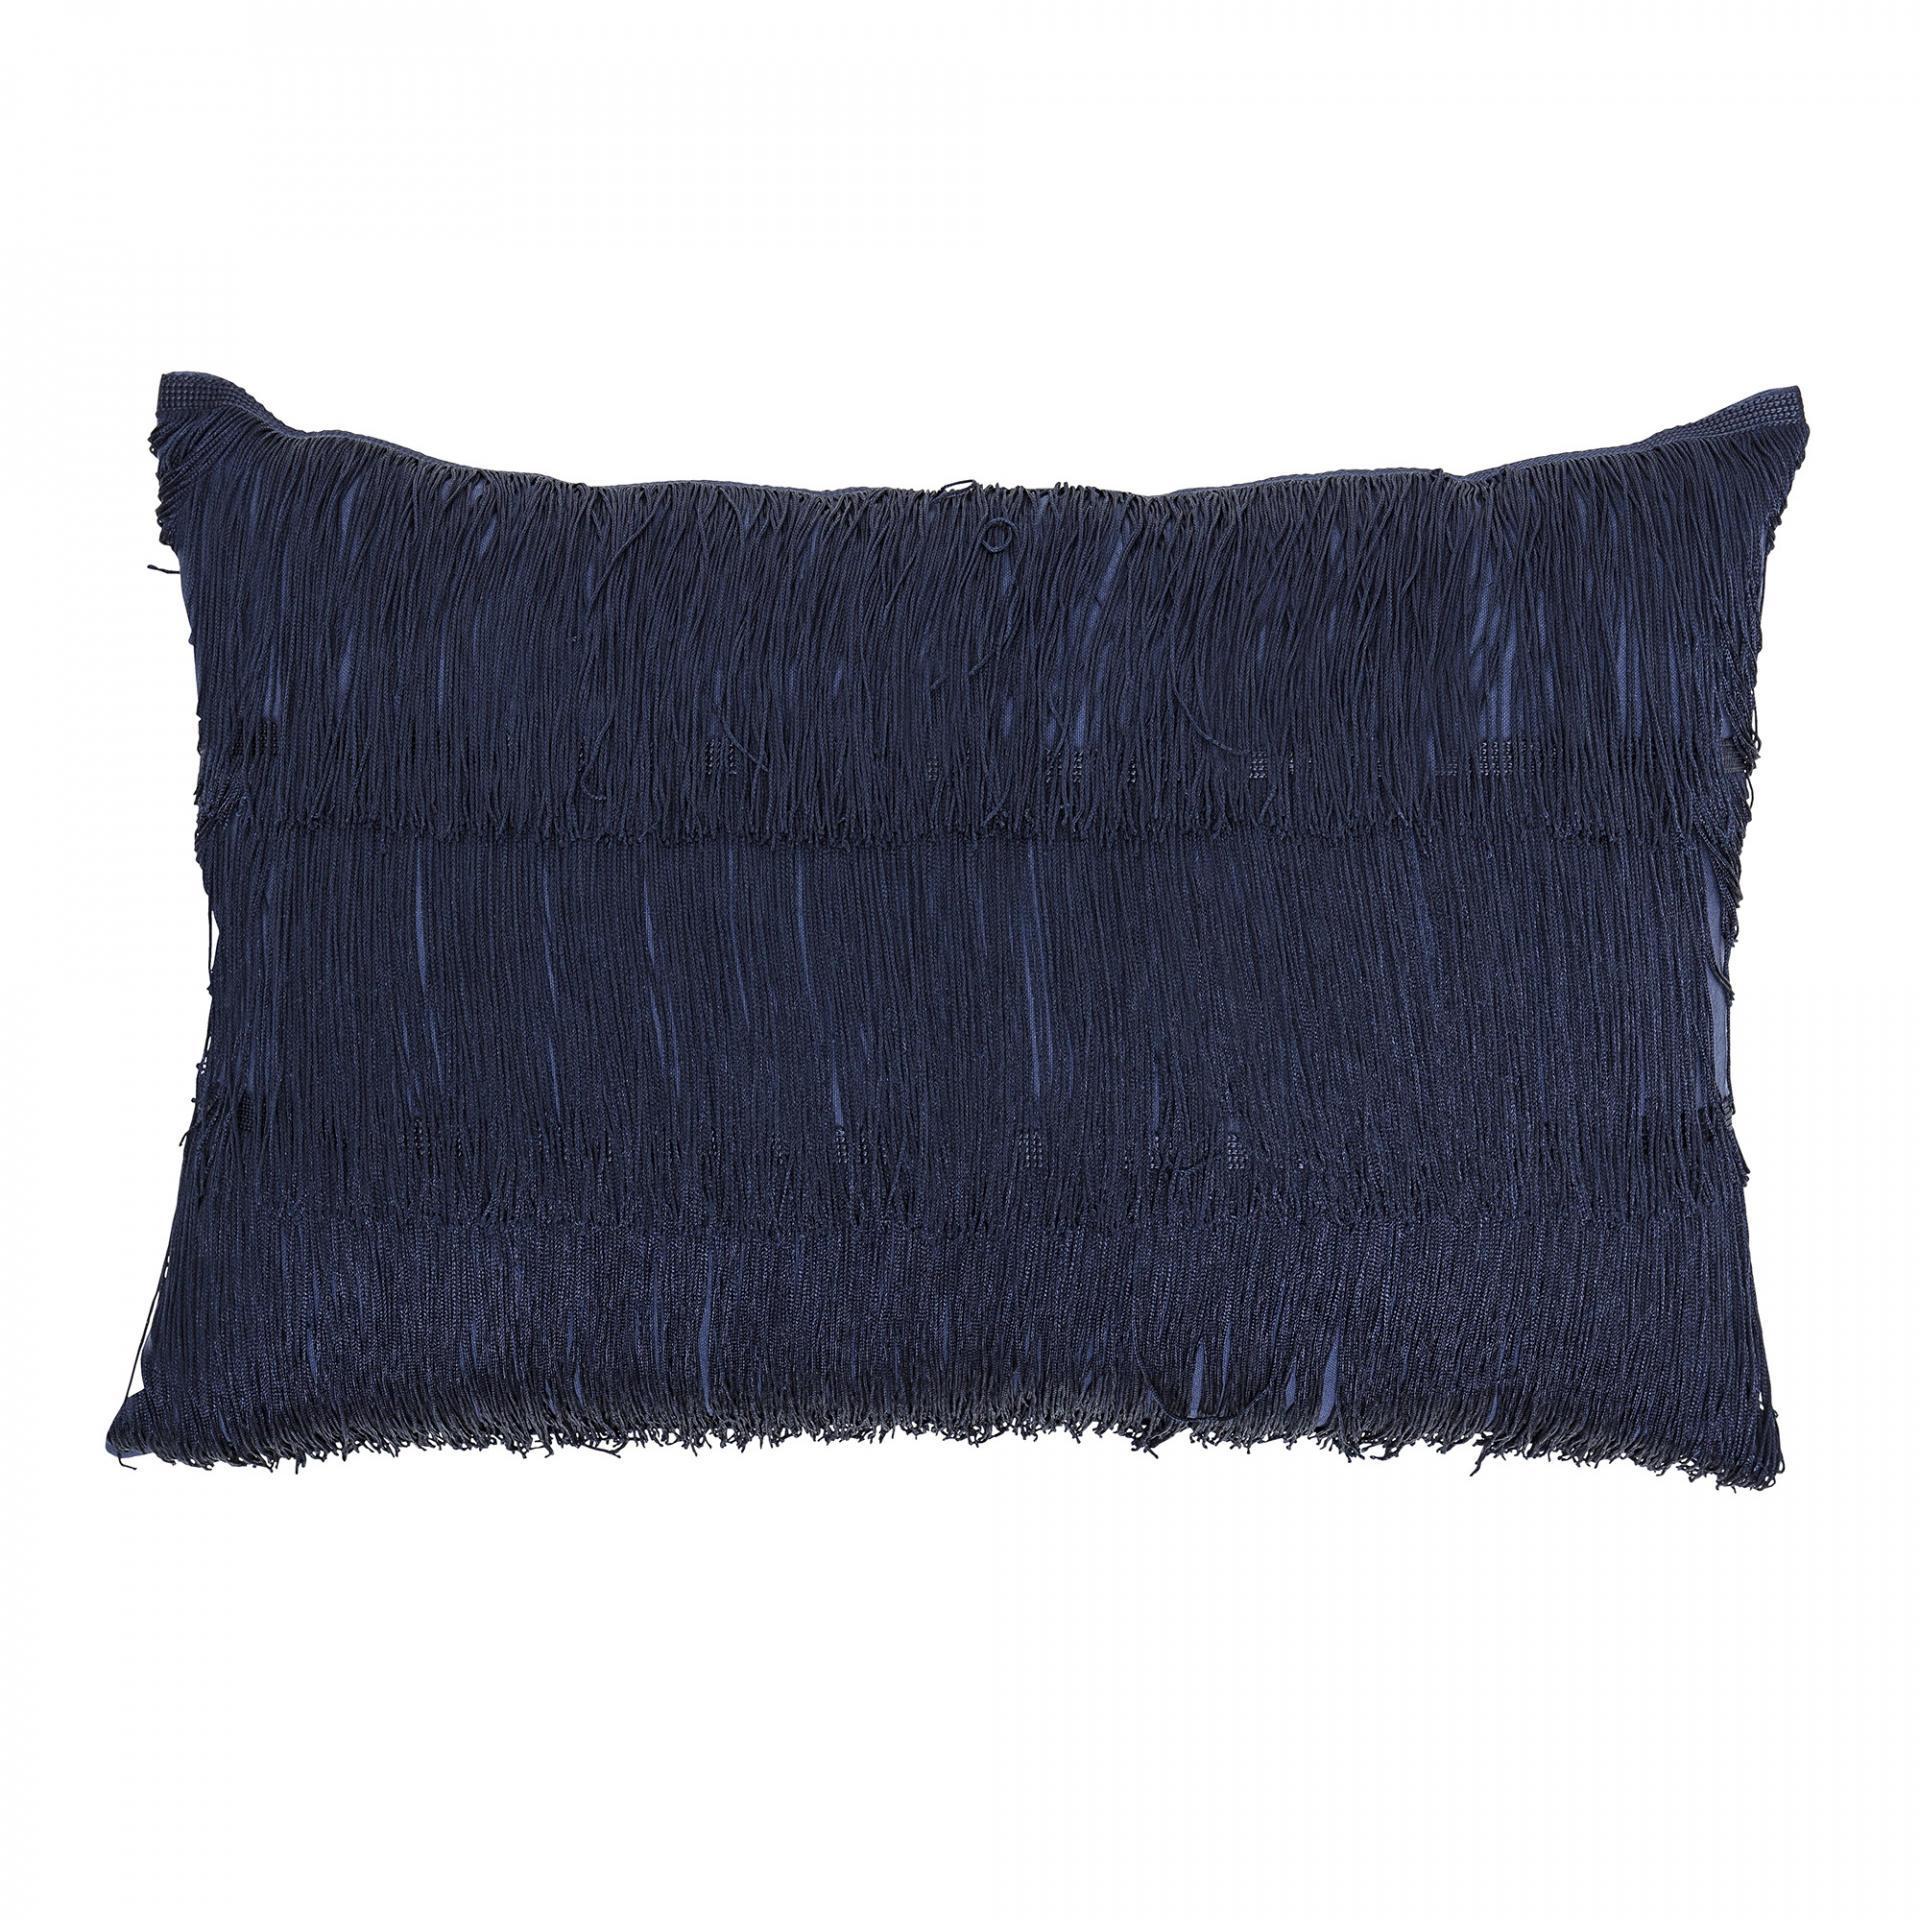 Bloomingville Polštář s třásněmi Blue 40x60 cm, modrá barva, textil